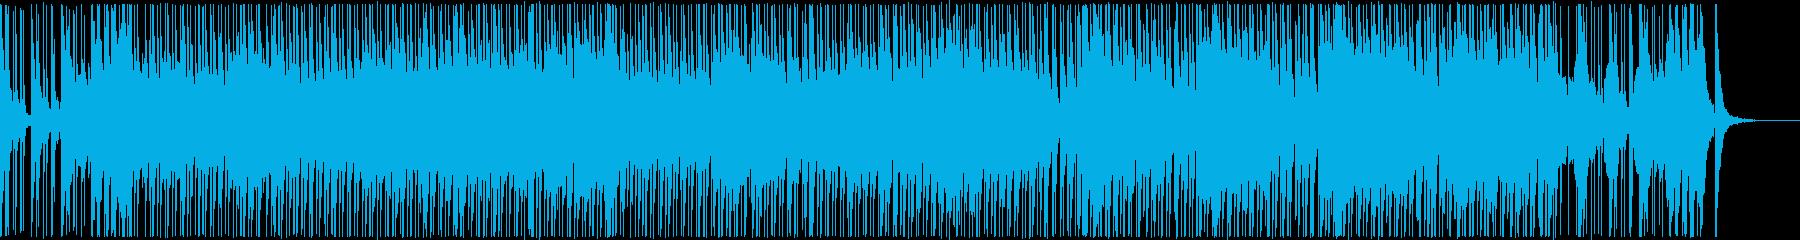 三味線と和太鼓の和風で活気ある楽曲_声無の再生済みの波形